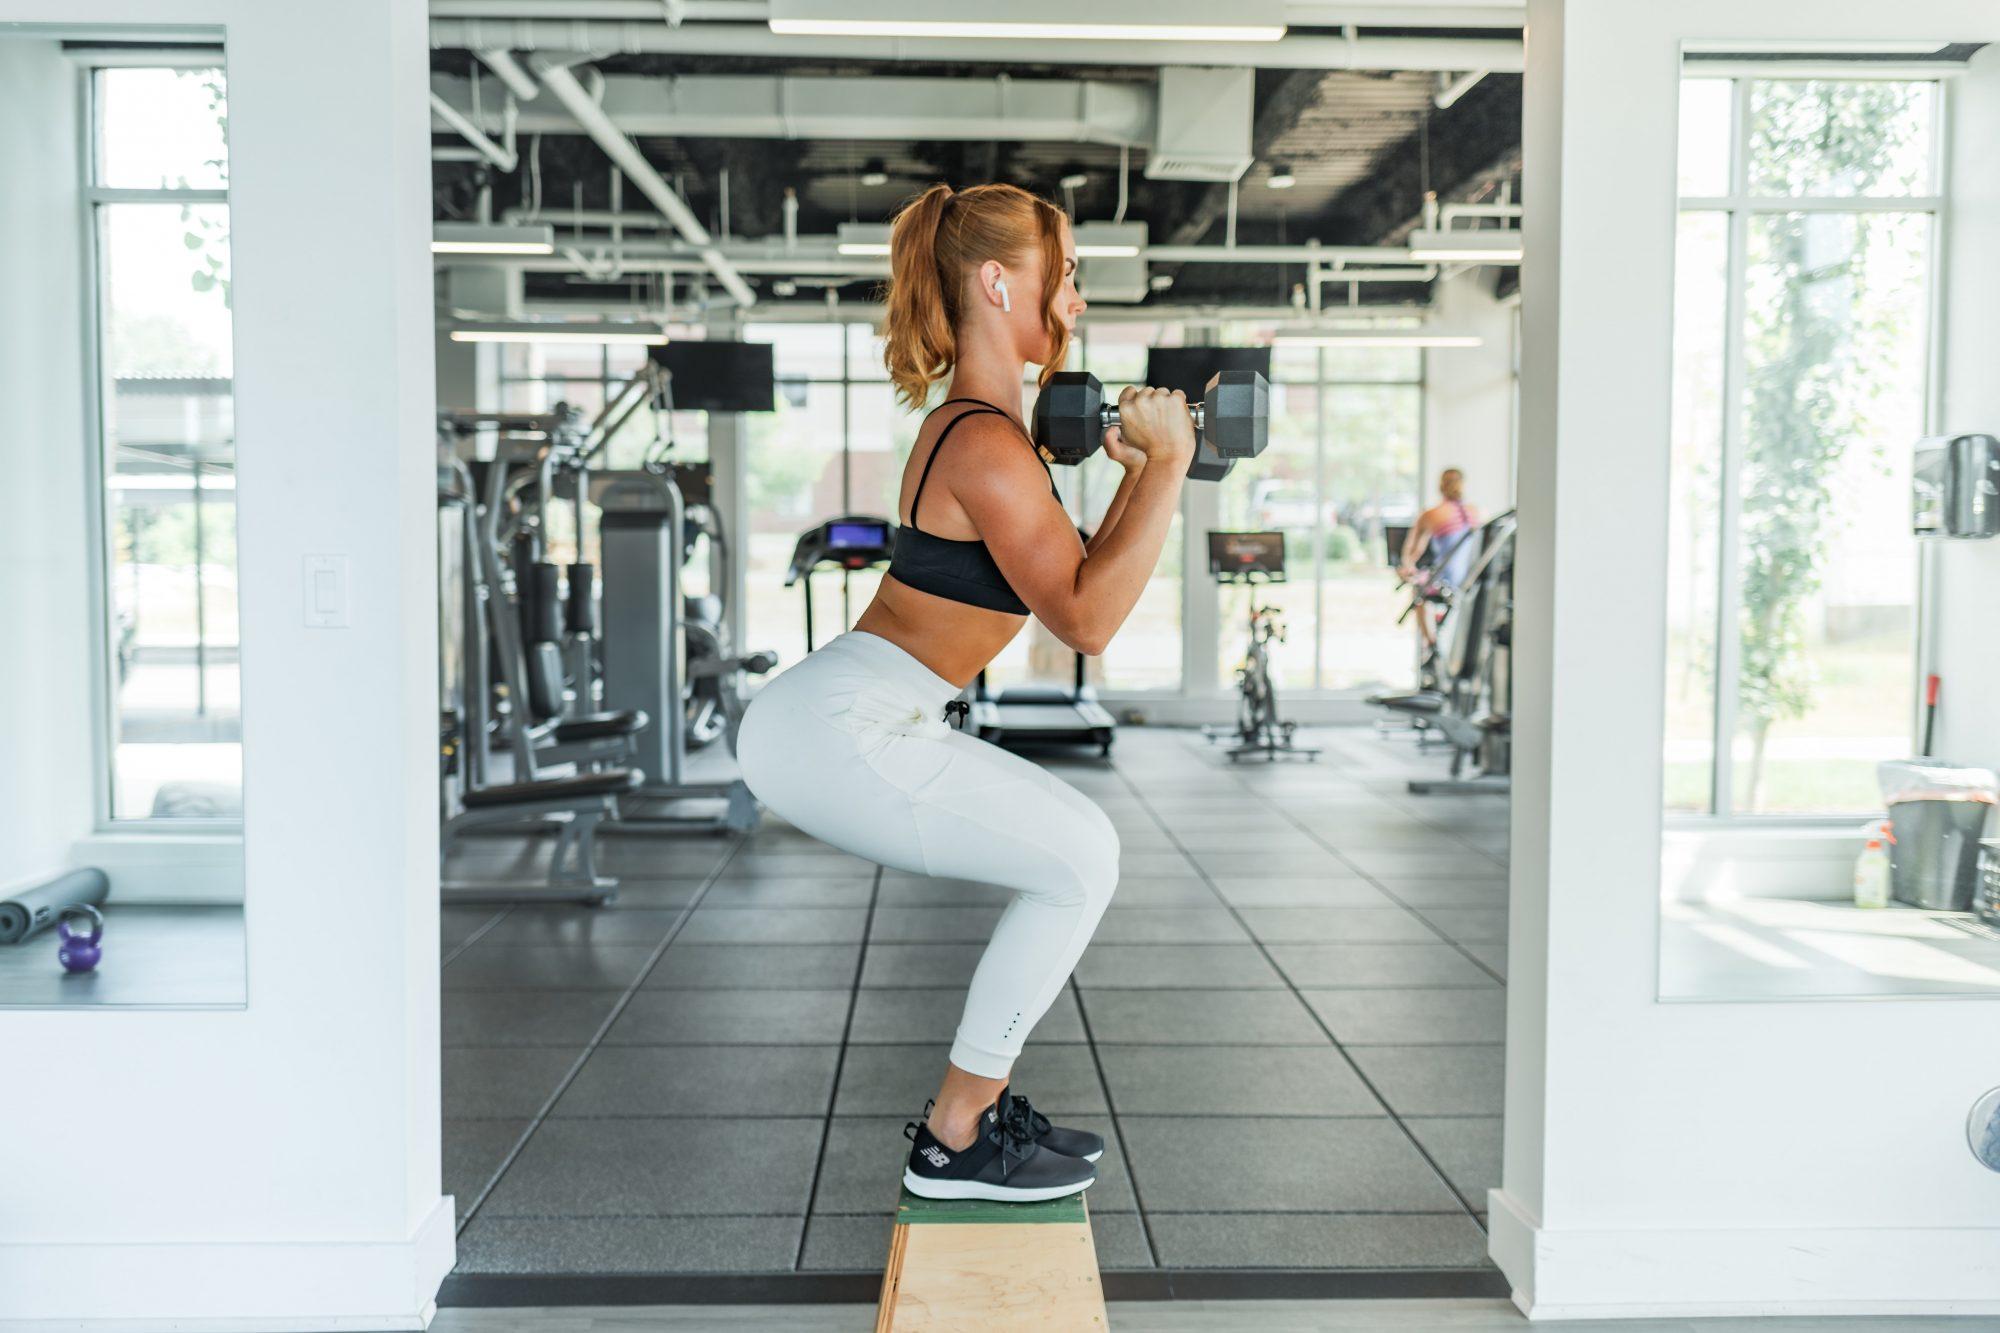 6 λάθη που κάνεις μετά τη γυμναστική (και δεν θα έπρεπε!) Μήπως απλά σαμποτάρεις τον εαυτό σου, ενώ ασκείσαι συστηματικά;